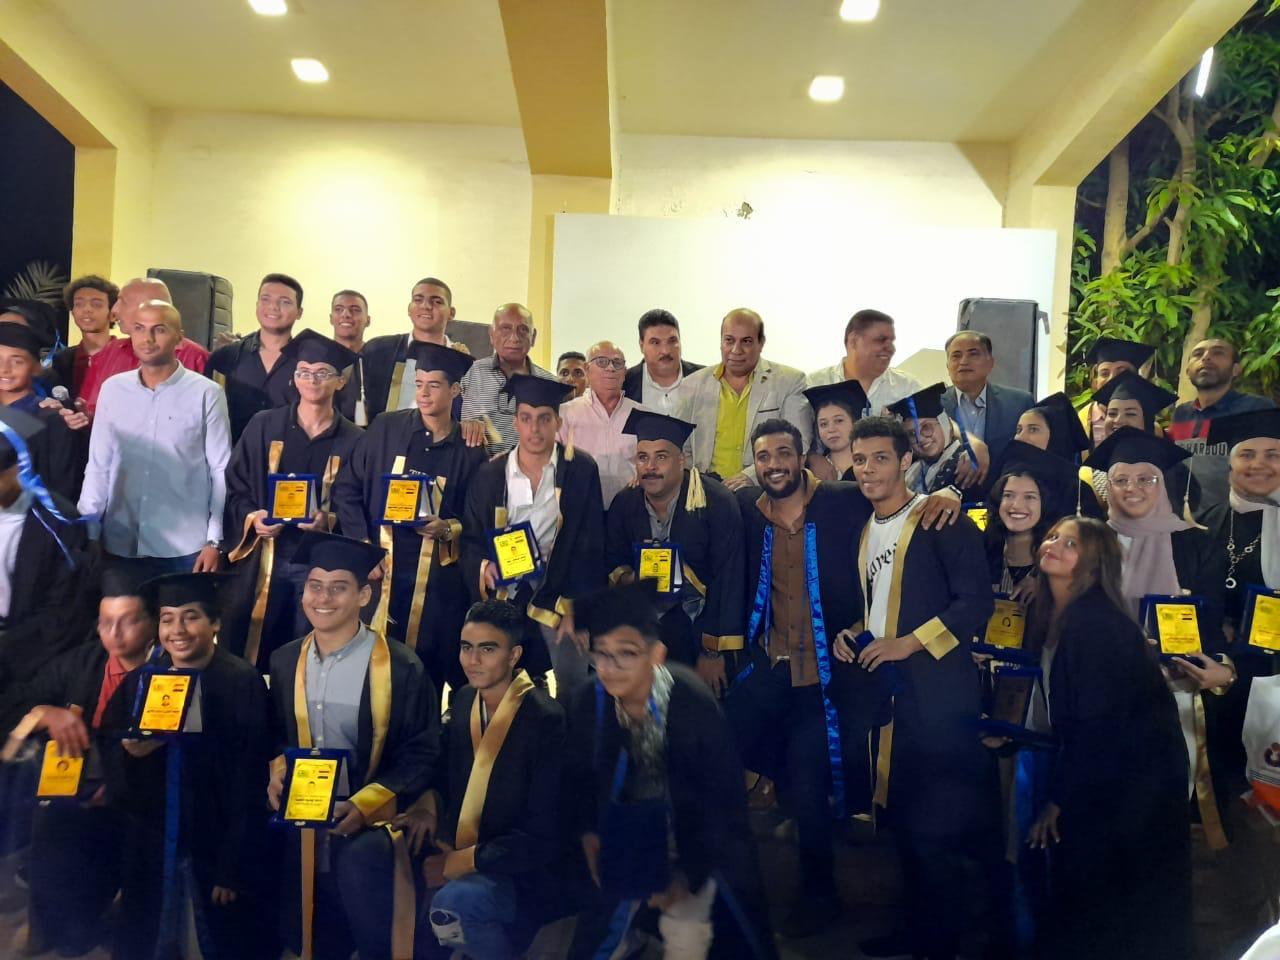 محافظ بورسعيد يشهد حفل تكريم الطلاب المتفوقين بنادى السلام البحري   صور